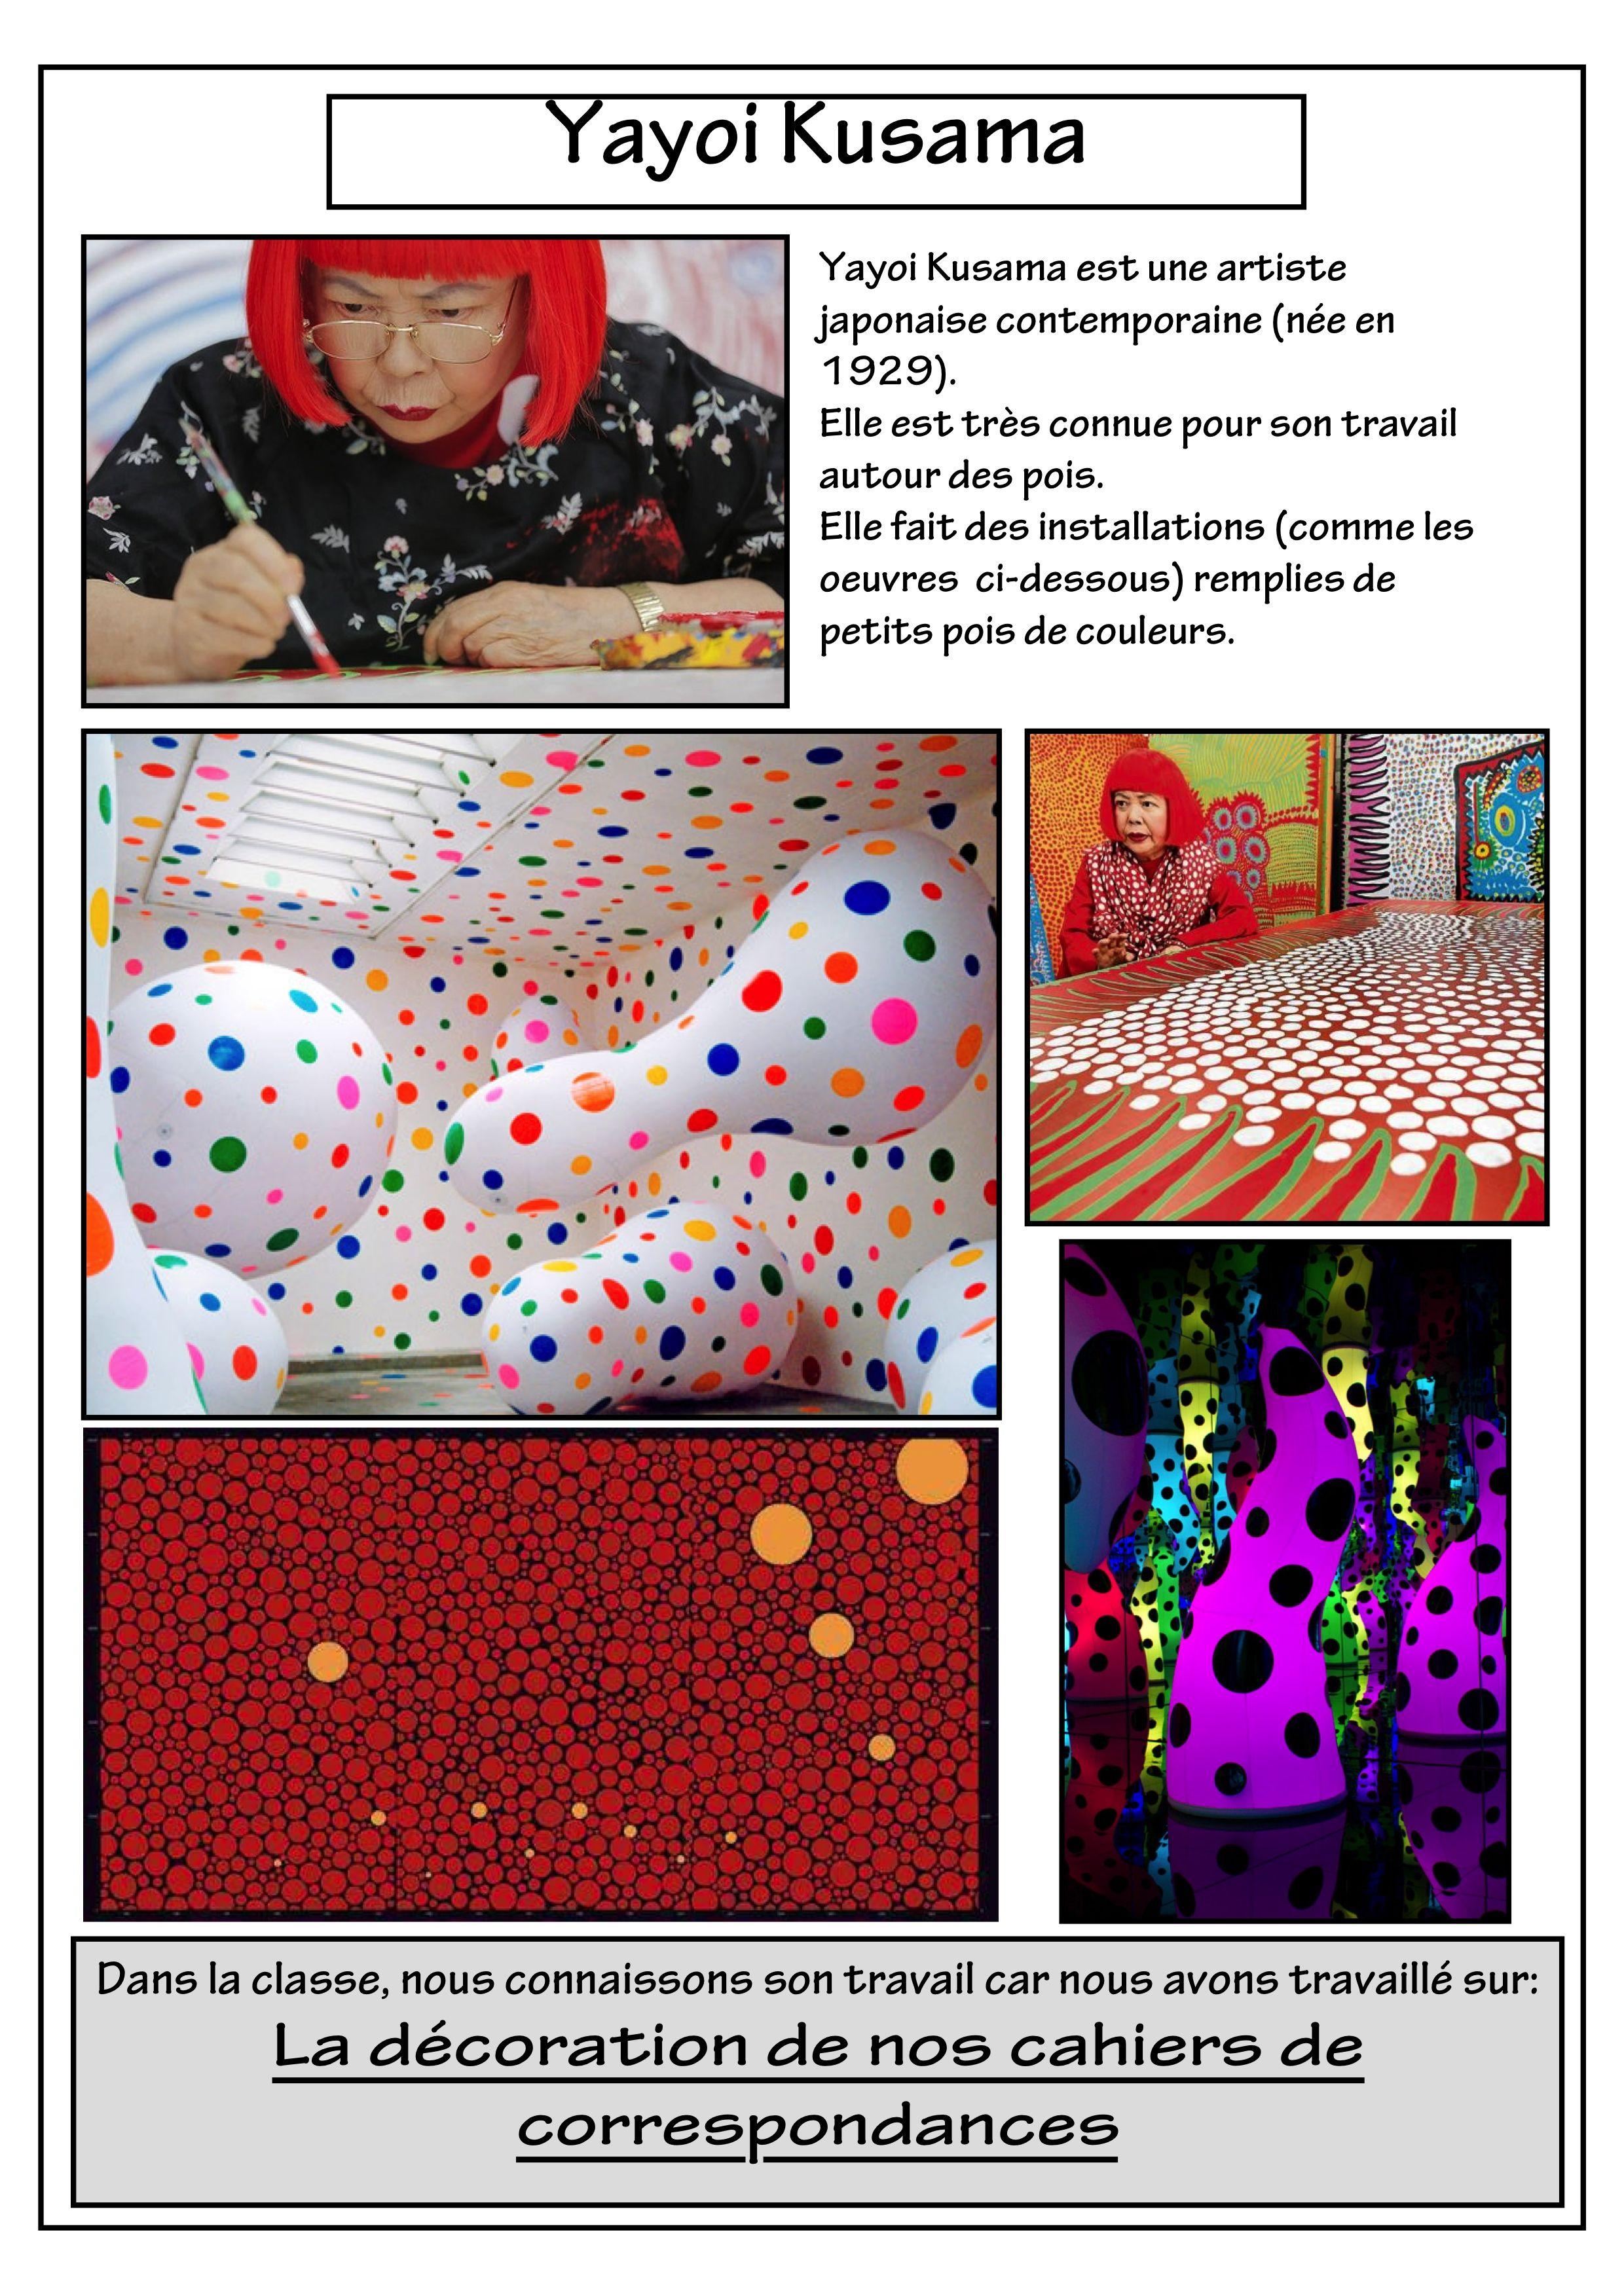 Fiche yayo kusama art visuel cole pinterest for Art et artiste